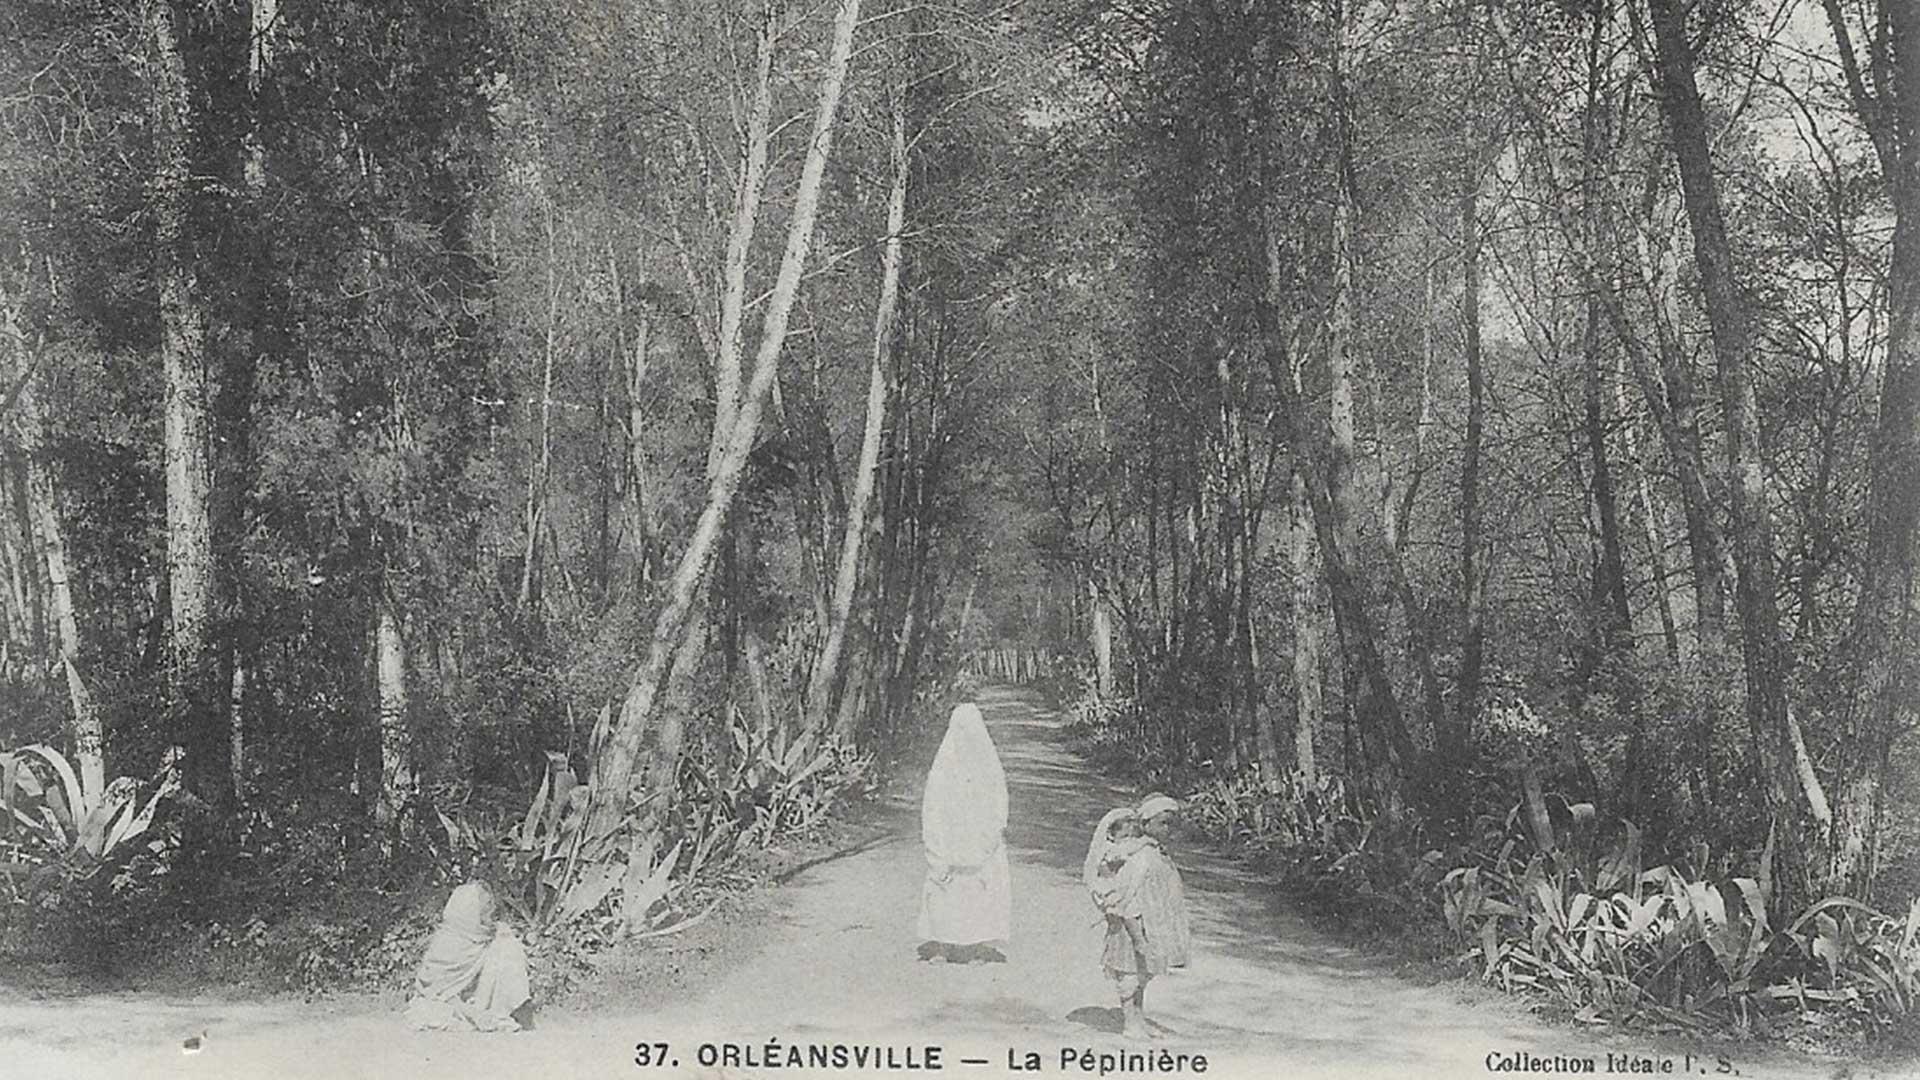 Orleansville-pepiniere